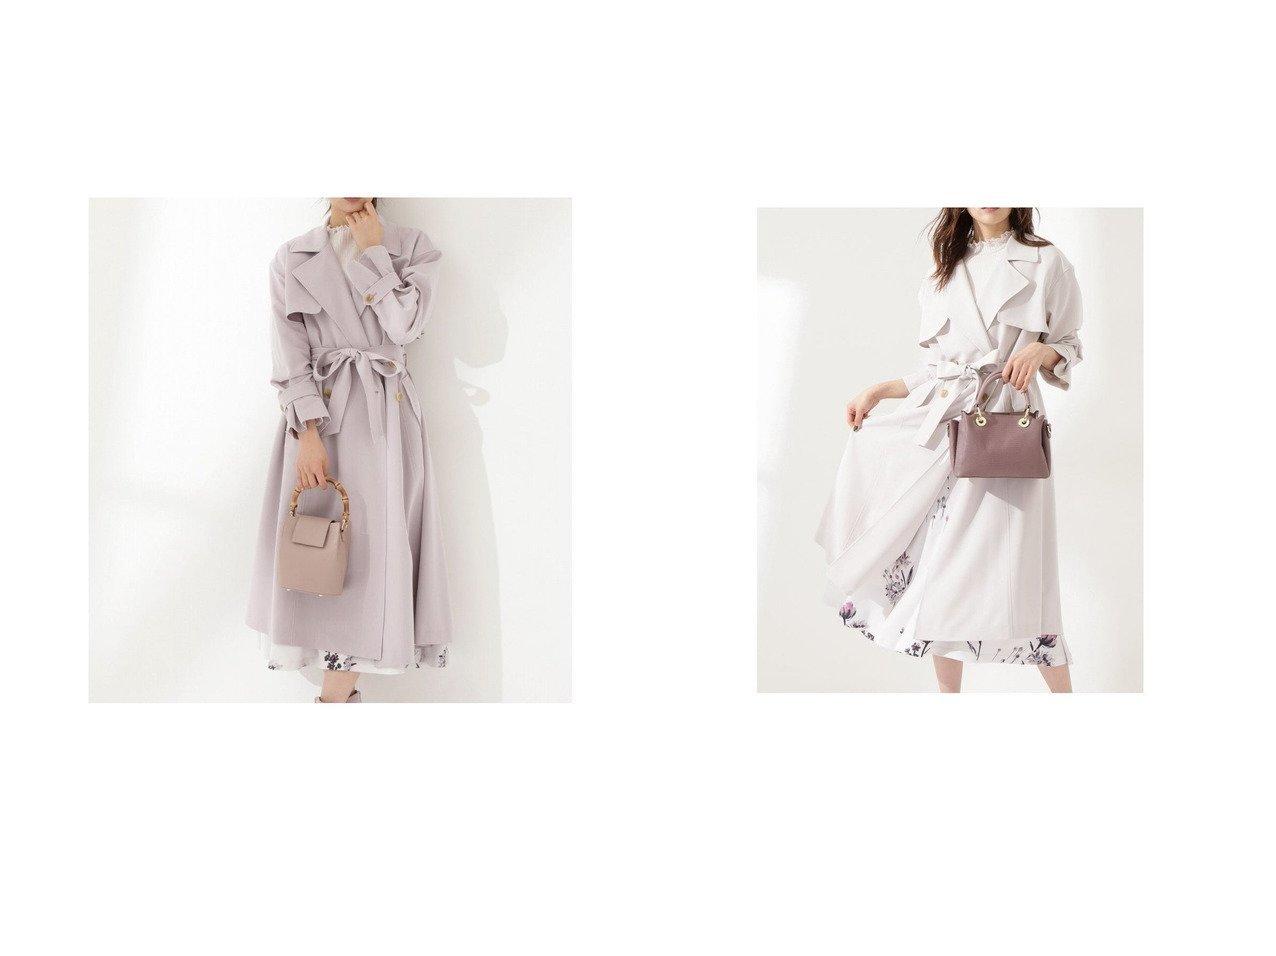 【PROPORTION BODY DRESSING/プロポーション ボディドレッシング】のボリュームスリーブとろみトレンチコート PROPORTION BODY DRESSINGのおすすめ!人気、トレンド・レディースファッションの通販 おすすめで人気の流行・トレンド、ファッションの通販商品 メンズファッション・キッズファッション・インテリア・家具・レディースファッション・服の通販 founy(ファニー) https://founy.com/ ファッション Fashion レディースファッション WOMEN アウター Coat Outerwear コート Coats トレンチコート Trench Coats 春 Spring 今季 スリーブ とろみ 人気 フレア 2021年 2021 S/S 春夏 SS Spring/Summer 2021 春夏 S/S SS Spring/Summer 2021 |ID:crp329100000019658